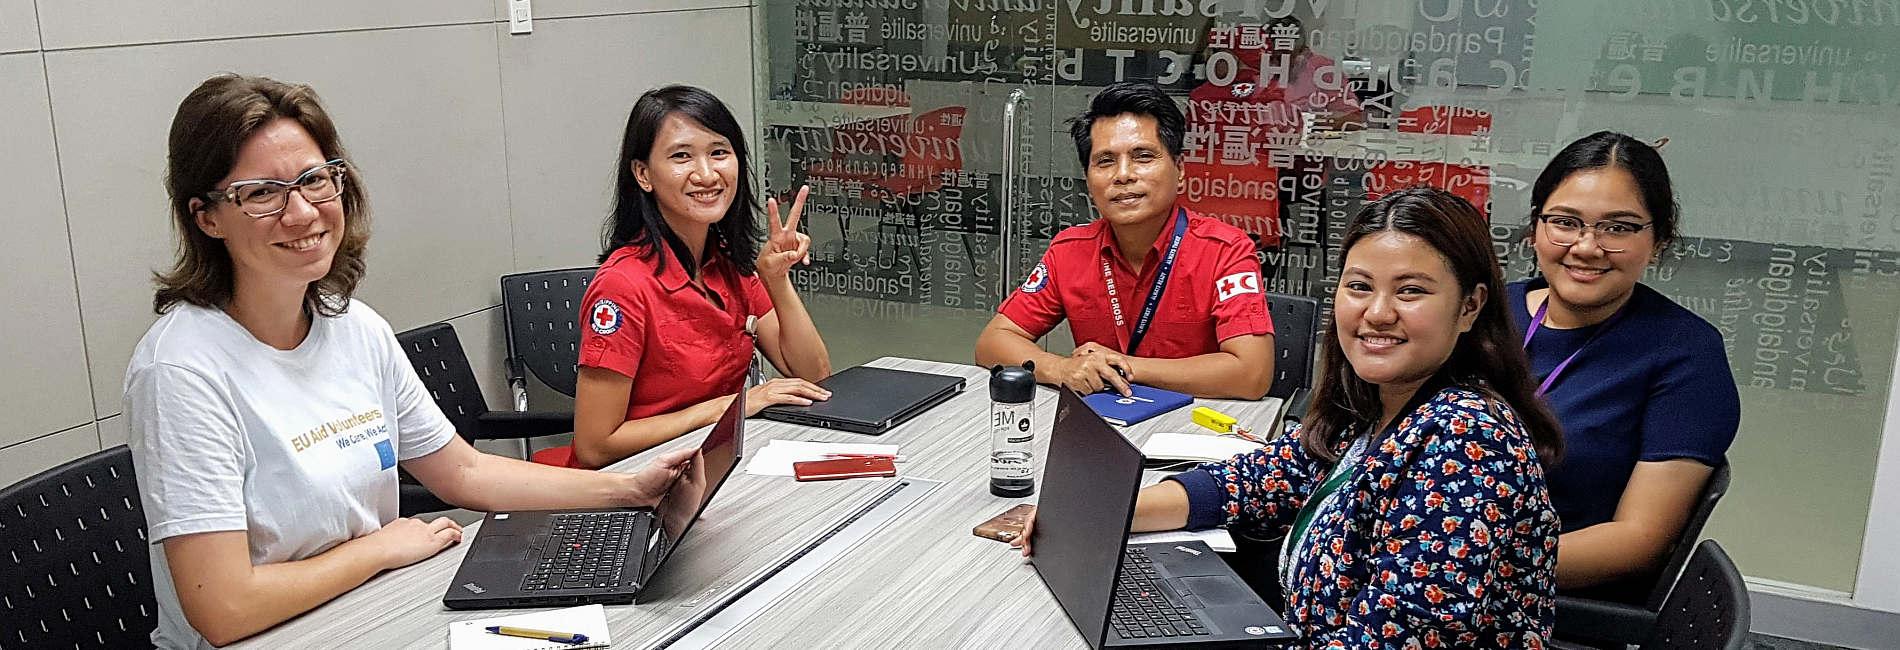 Janina Jasper und ihre Kolleginnen und Kollegen vom Philippinischen Roten Kreuz